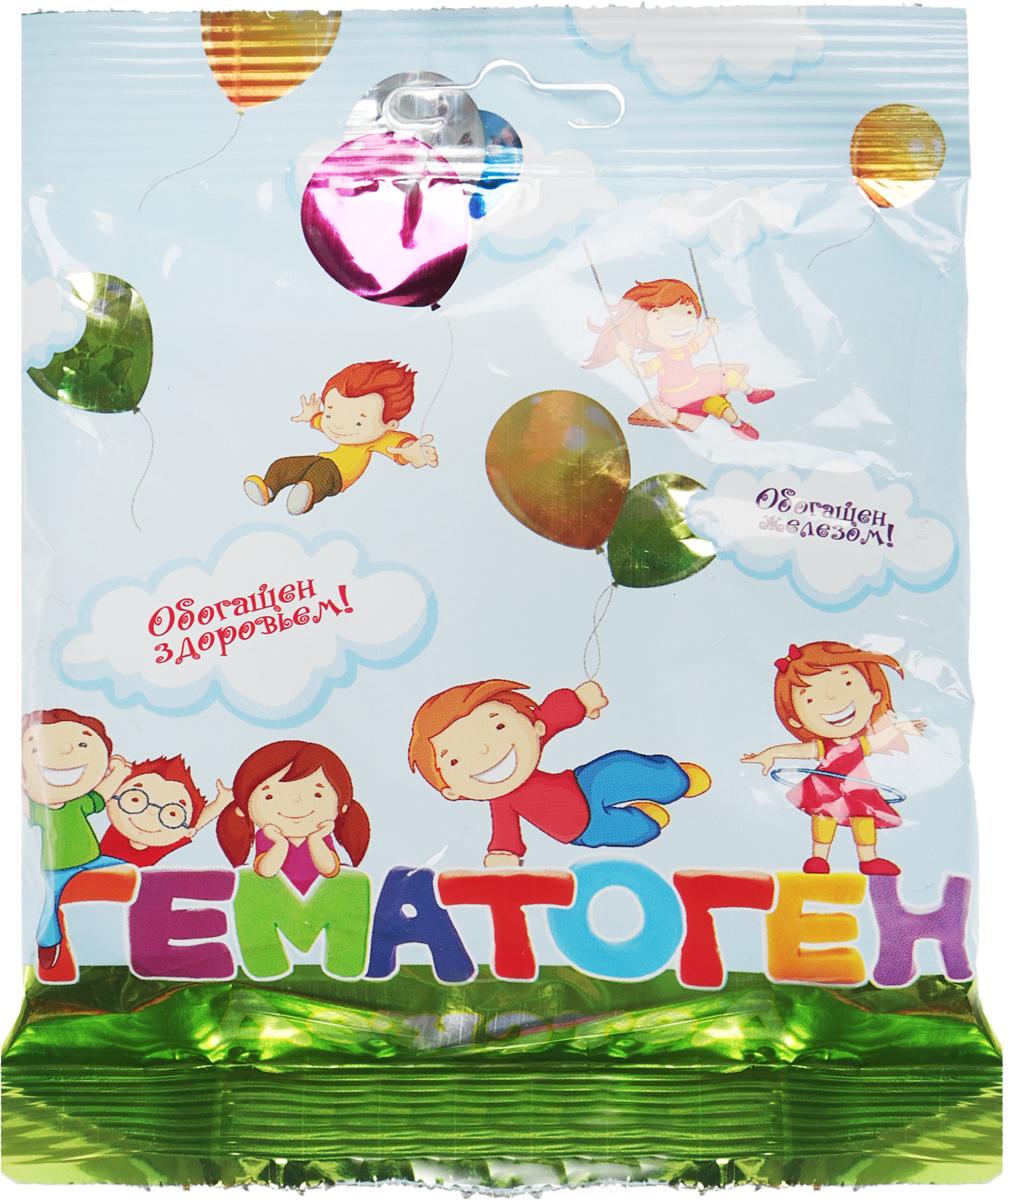 Гематоген детский, с витаминами, 100 г218189БАД, общеукрепляющее, противоанемическое, дополнительный источник железа. Сфера применения: витаминология, железо.Уважаемые клиенты! Обращаем ваше внимание на то, что упаковка может иметь несколько видов дизайна. Поставка осуществляется в зависимости от наличия на складе.